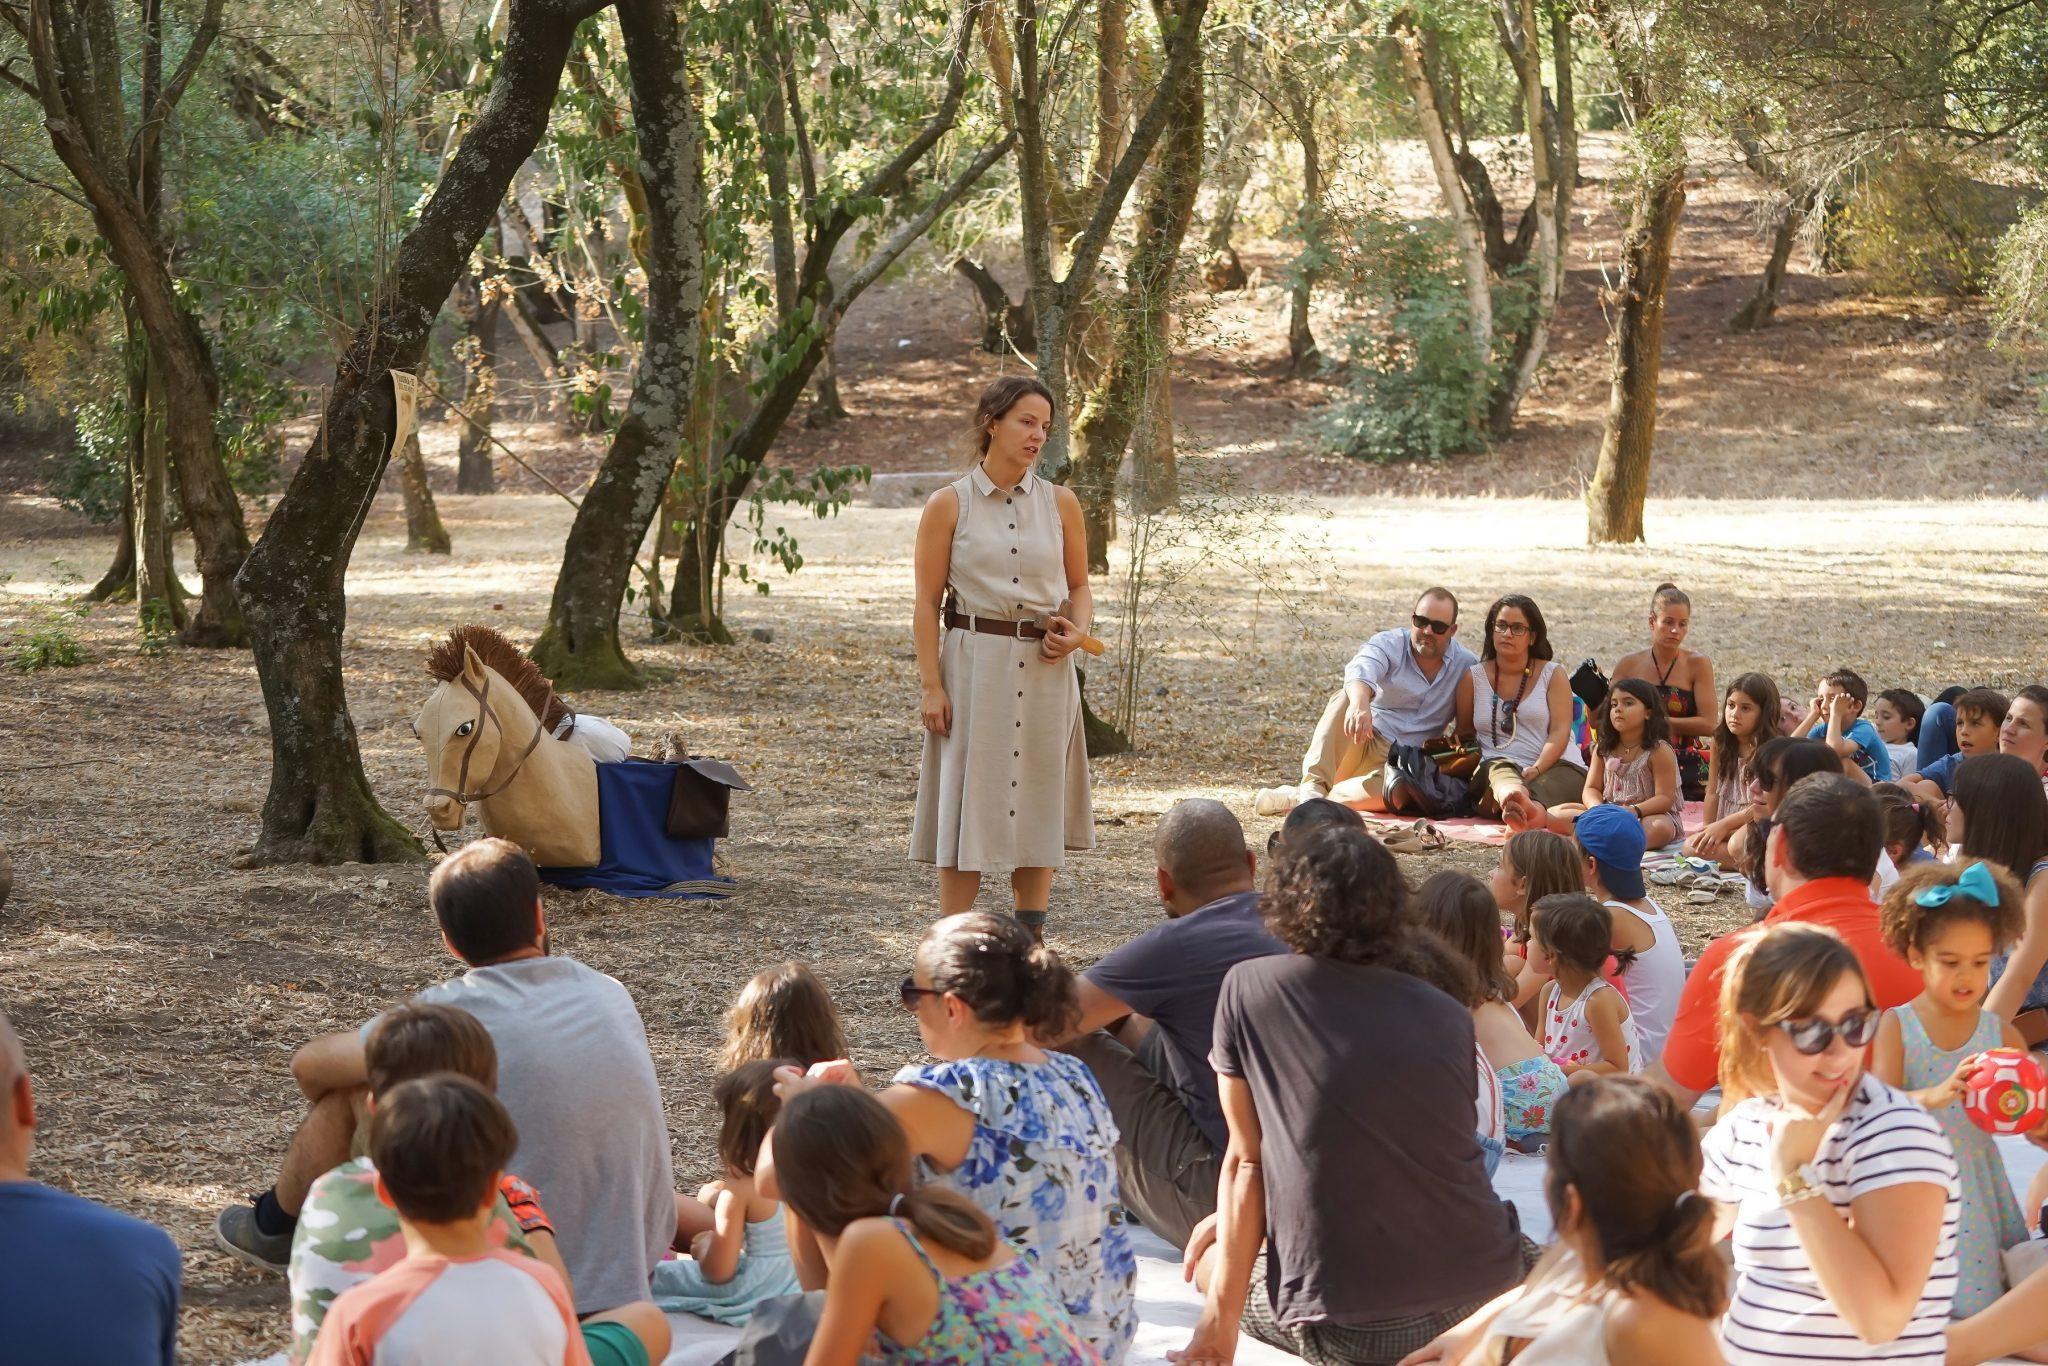 Grupo de crianças e adultos sentados em semi-círculo no chão de uma mata, de costas, de lado e de frente para o observador, a olhar para uma mulher de pé, de frente para o observador